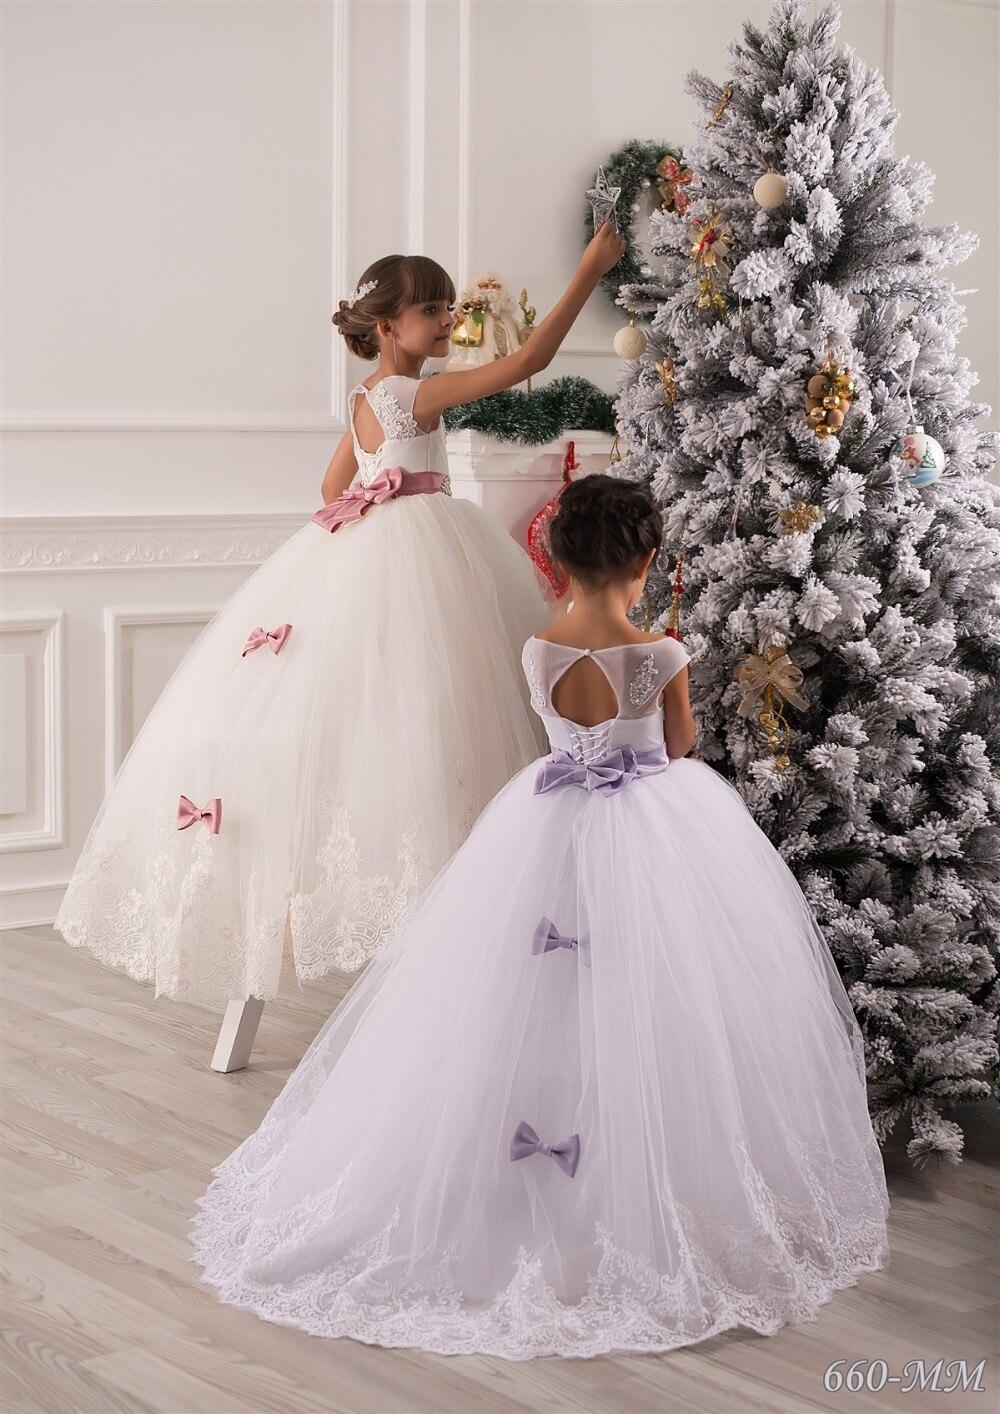 Buy flower girl dresses for wedding lace for Wedding girl dress up